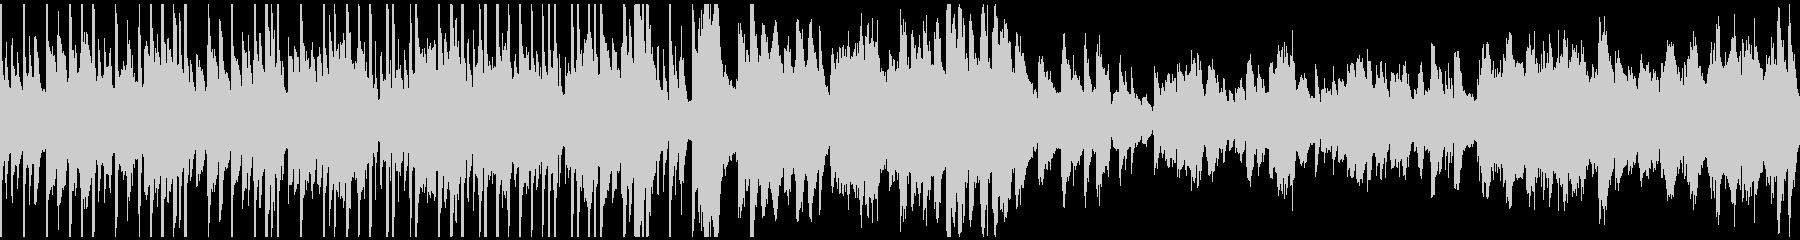 回想曲(ループ仕様)の未再生の波形